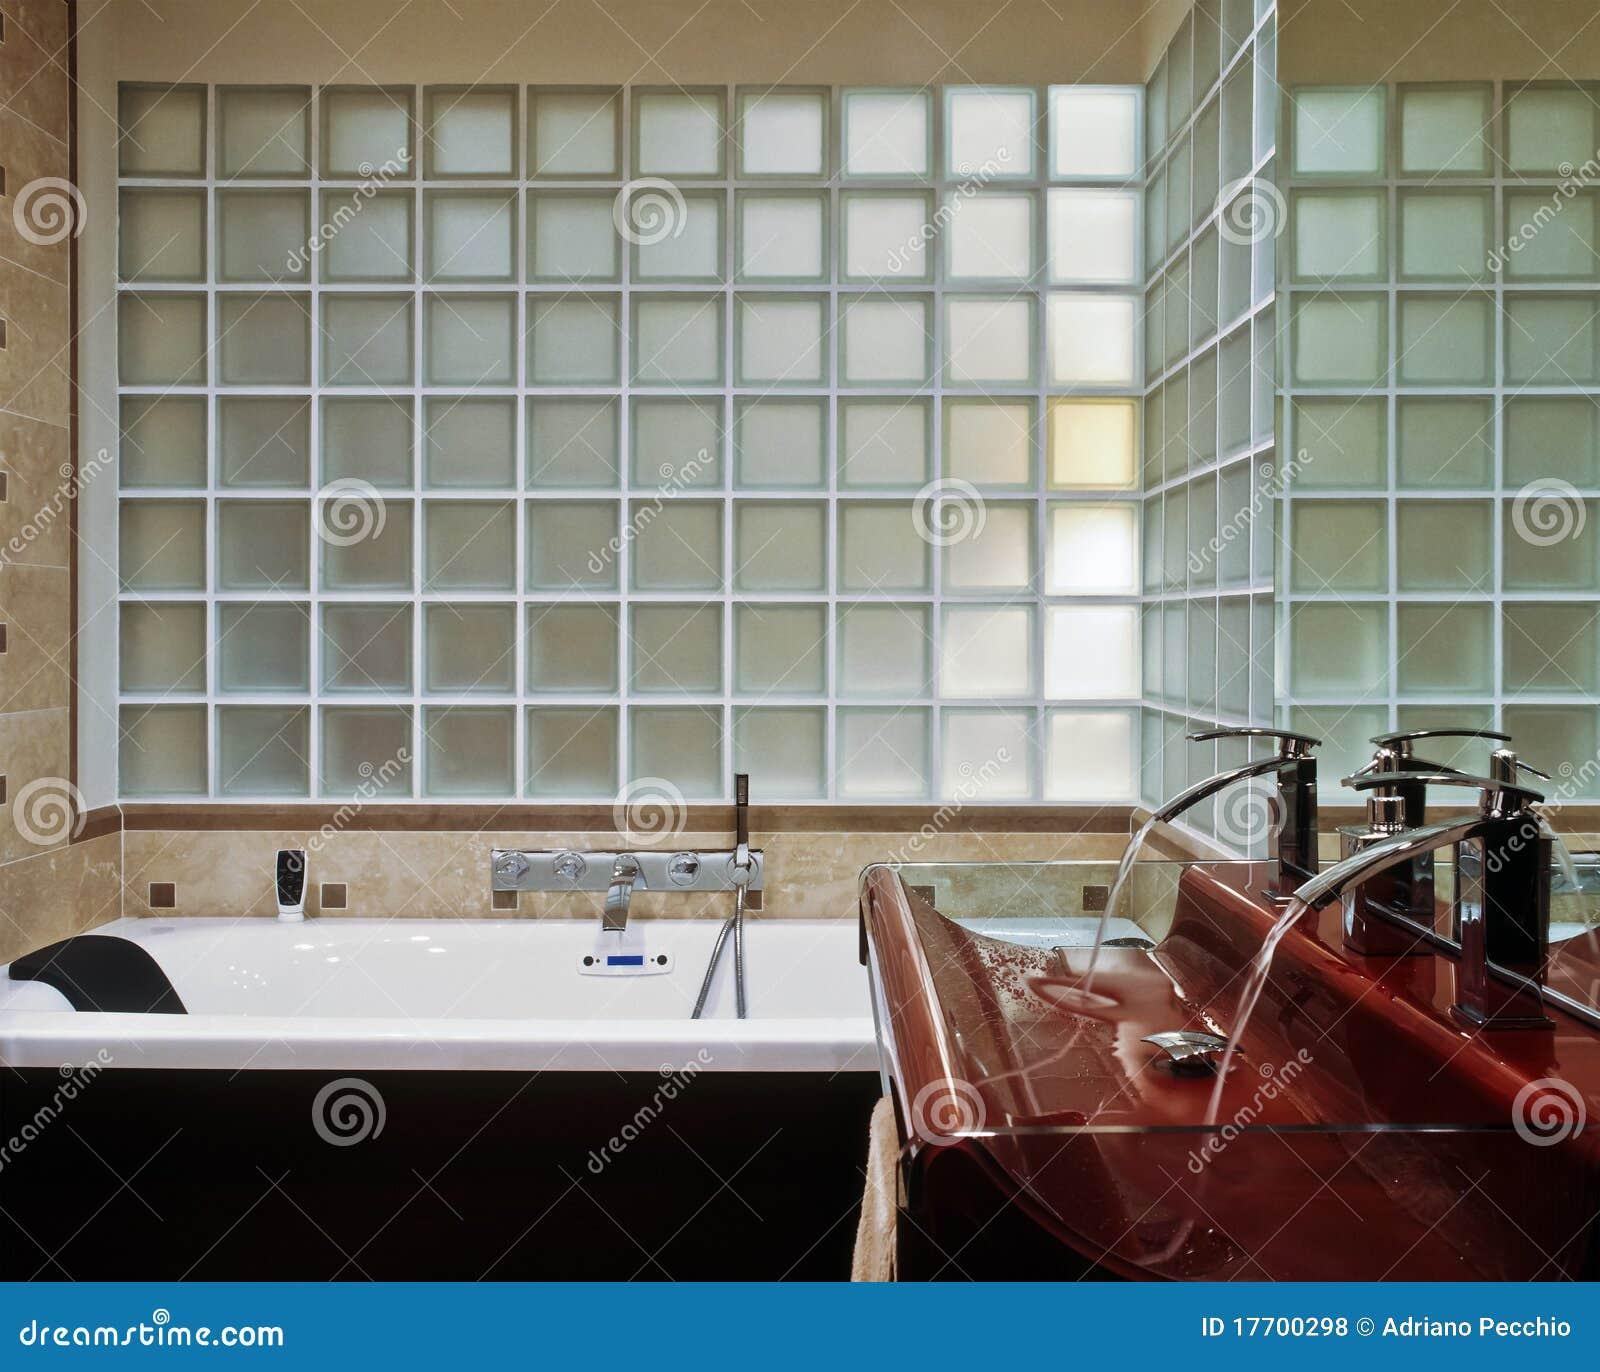 Banheiro Moderno Com Bloco De Vidro Fotos de Stock Royalty Free  Imagem 177 -> Bloco Armario De Banheiro